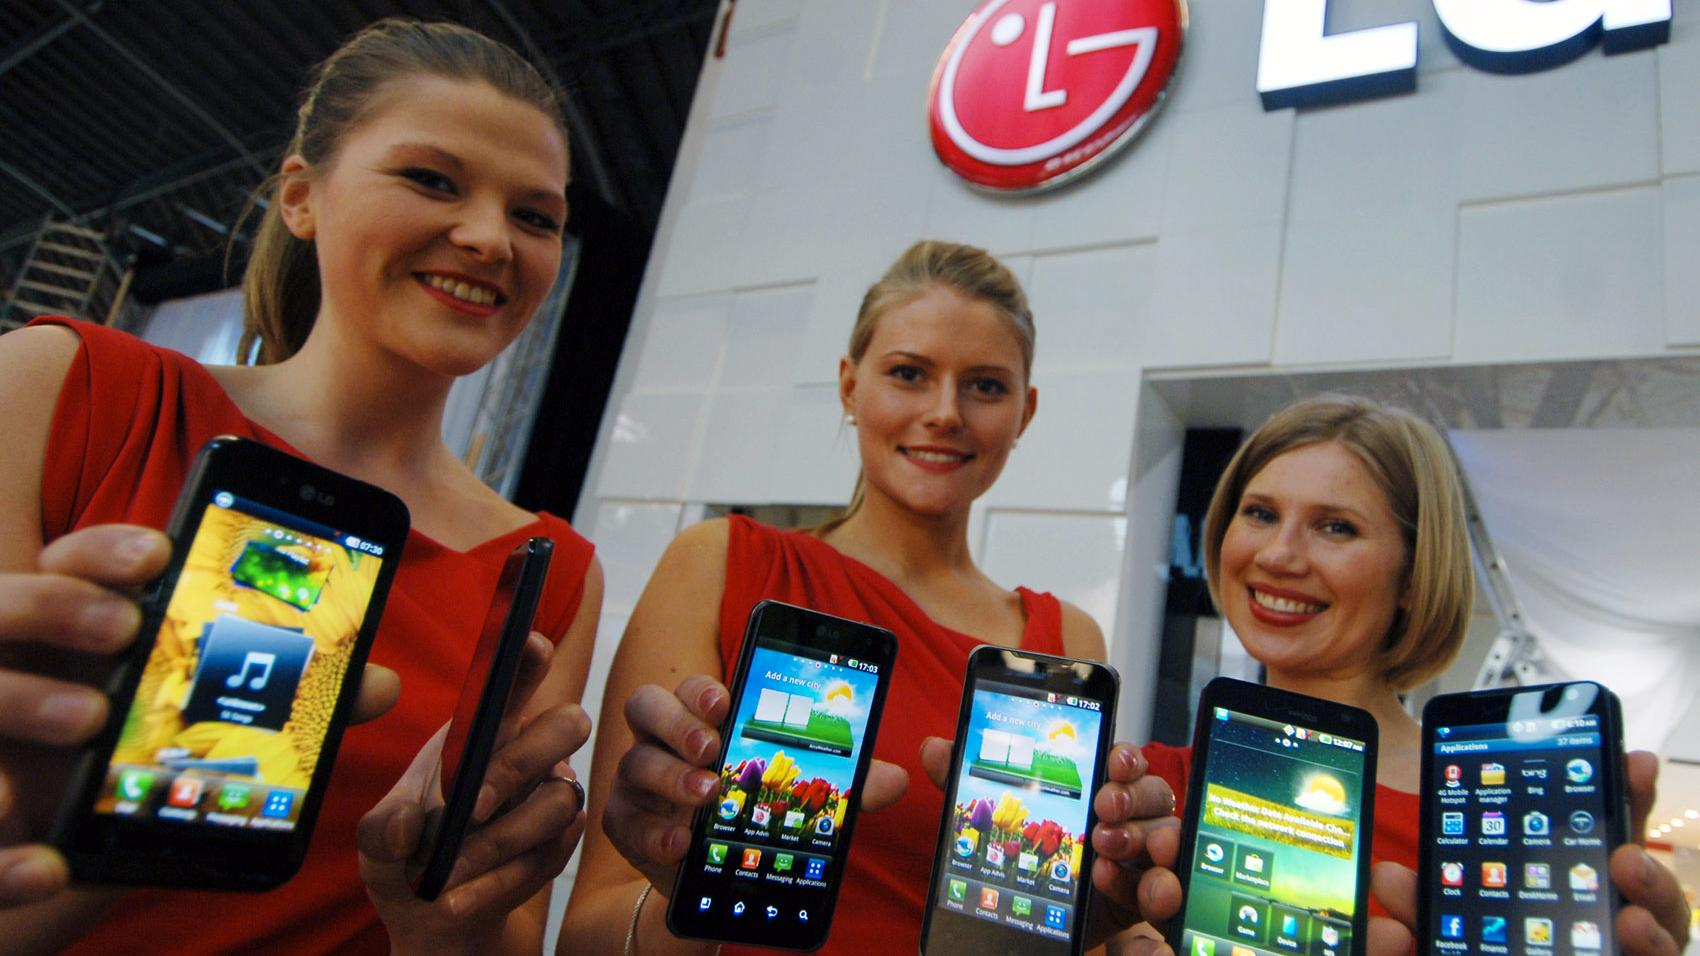 LG med 3D-telefon og nettbrett